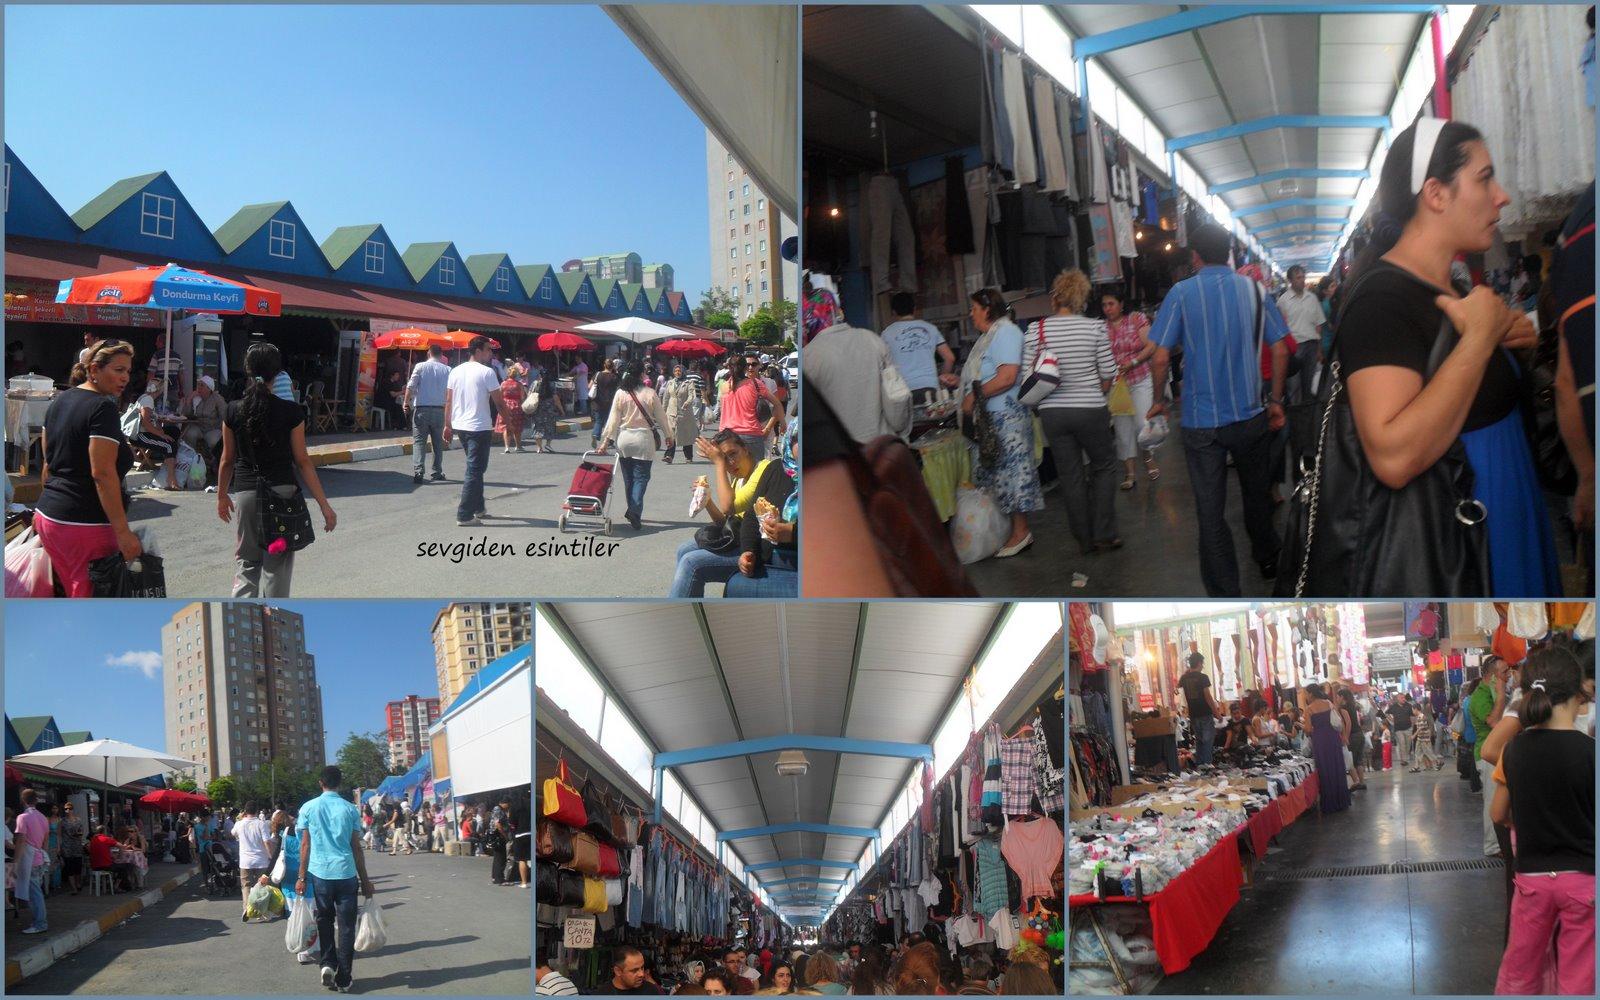 İstanbulda gezilecek pazarlar